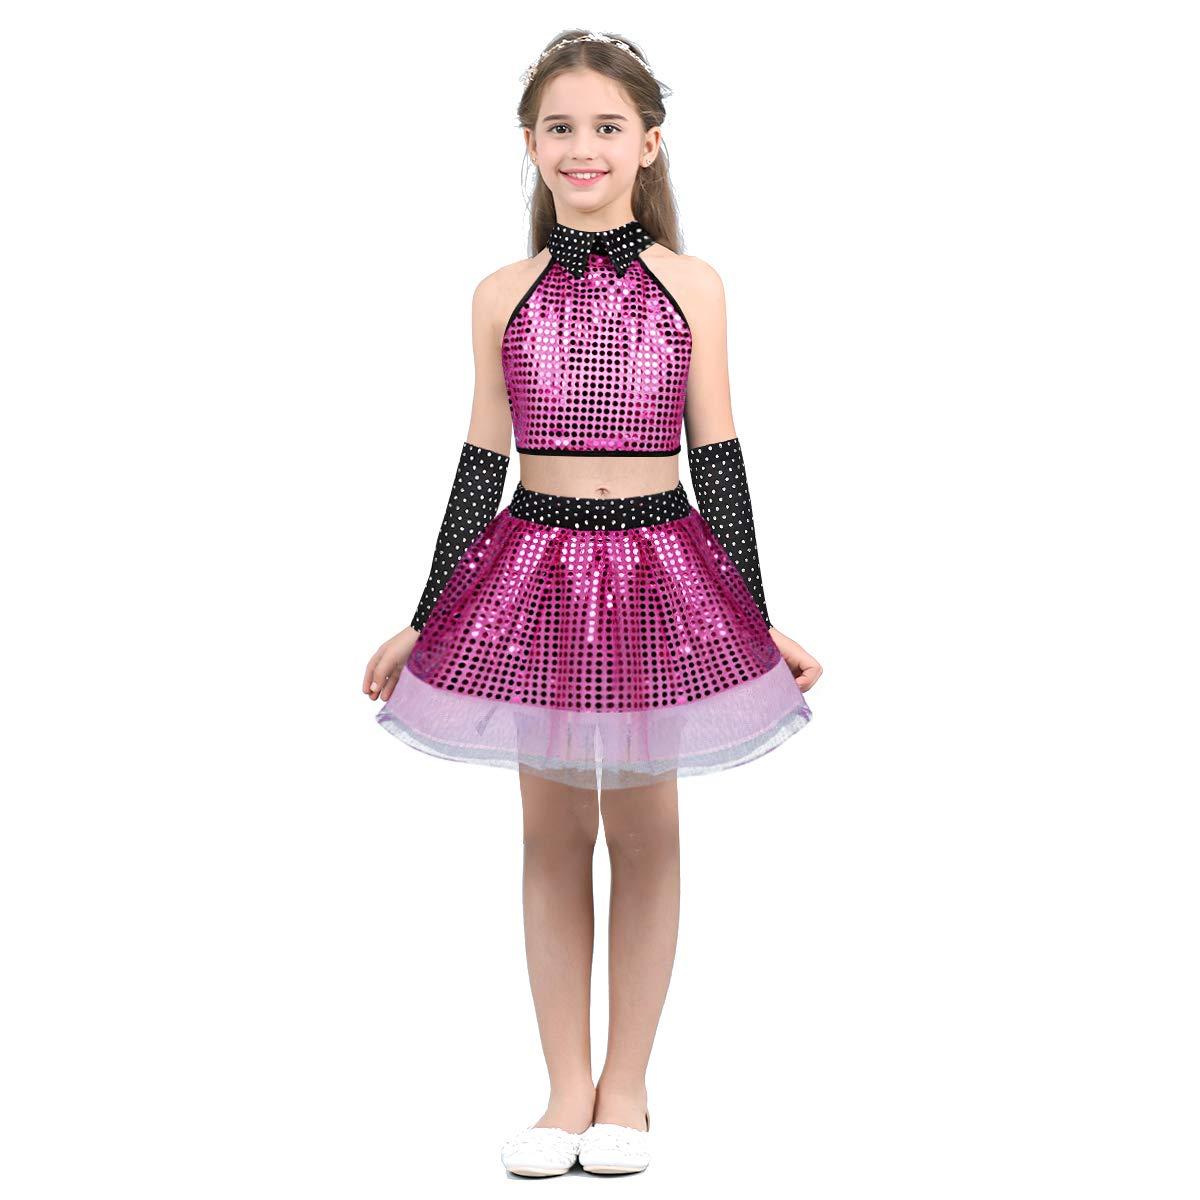 Crop Top Costume Spectacle Dancewear 3-14 Ans ranrann Enfant Fille Ensemble Vetement Danse Latine Robe Paillette Tutu Ballet Moderne Jazz Danse Tenue Hip hop Tulle Jupe